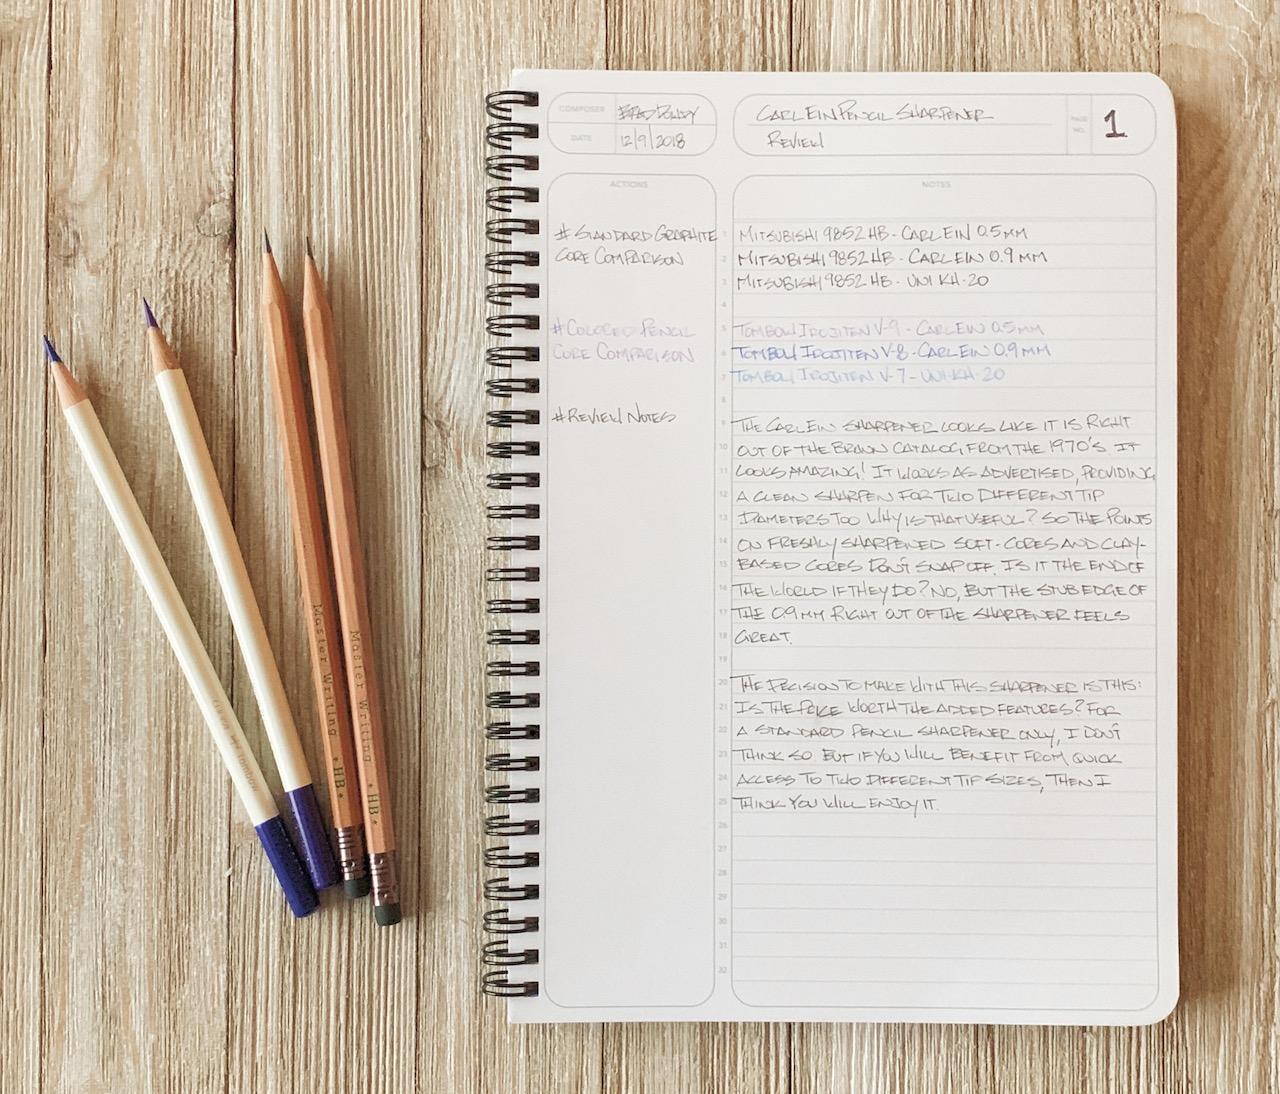 Carl Ein Pencil Sharpener Notebook